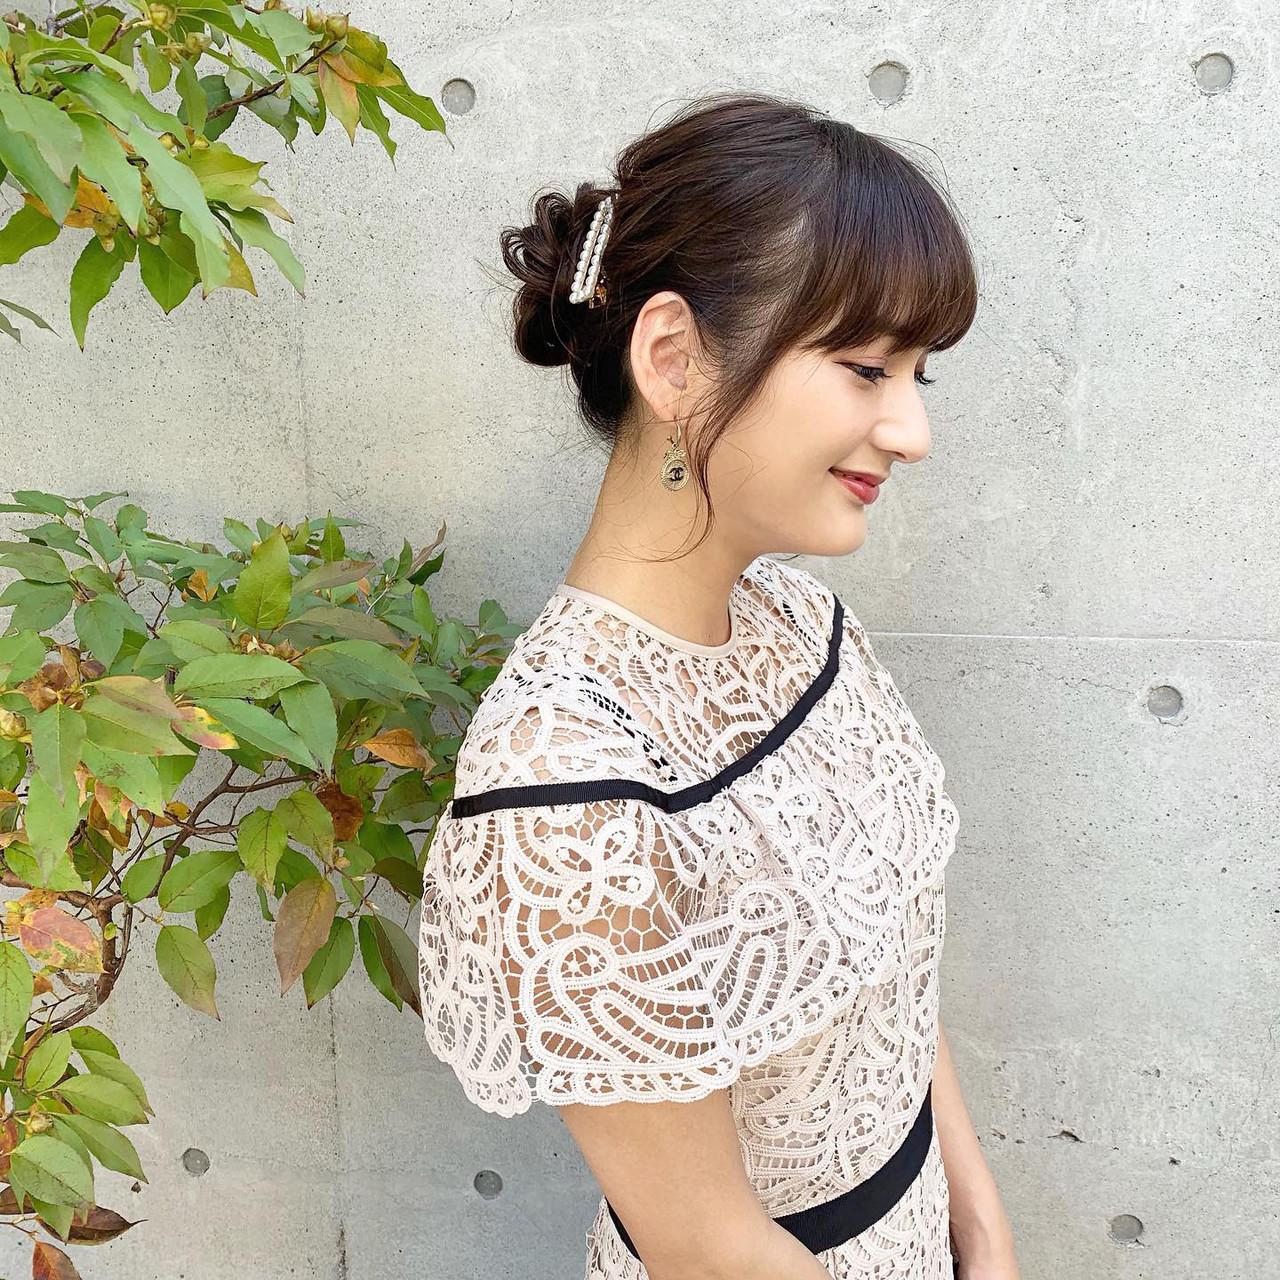 結婚式 結婚式ヘアアレンジ ヘアアレンジ ヘアセット ヘアスタイルや髪型の写真・画像